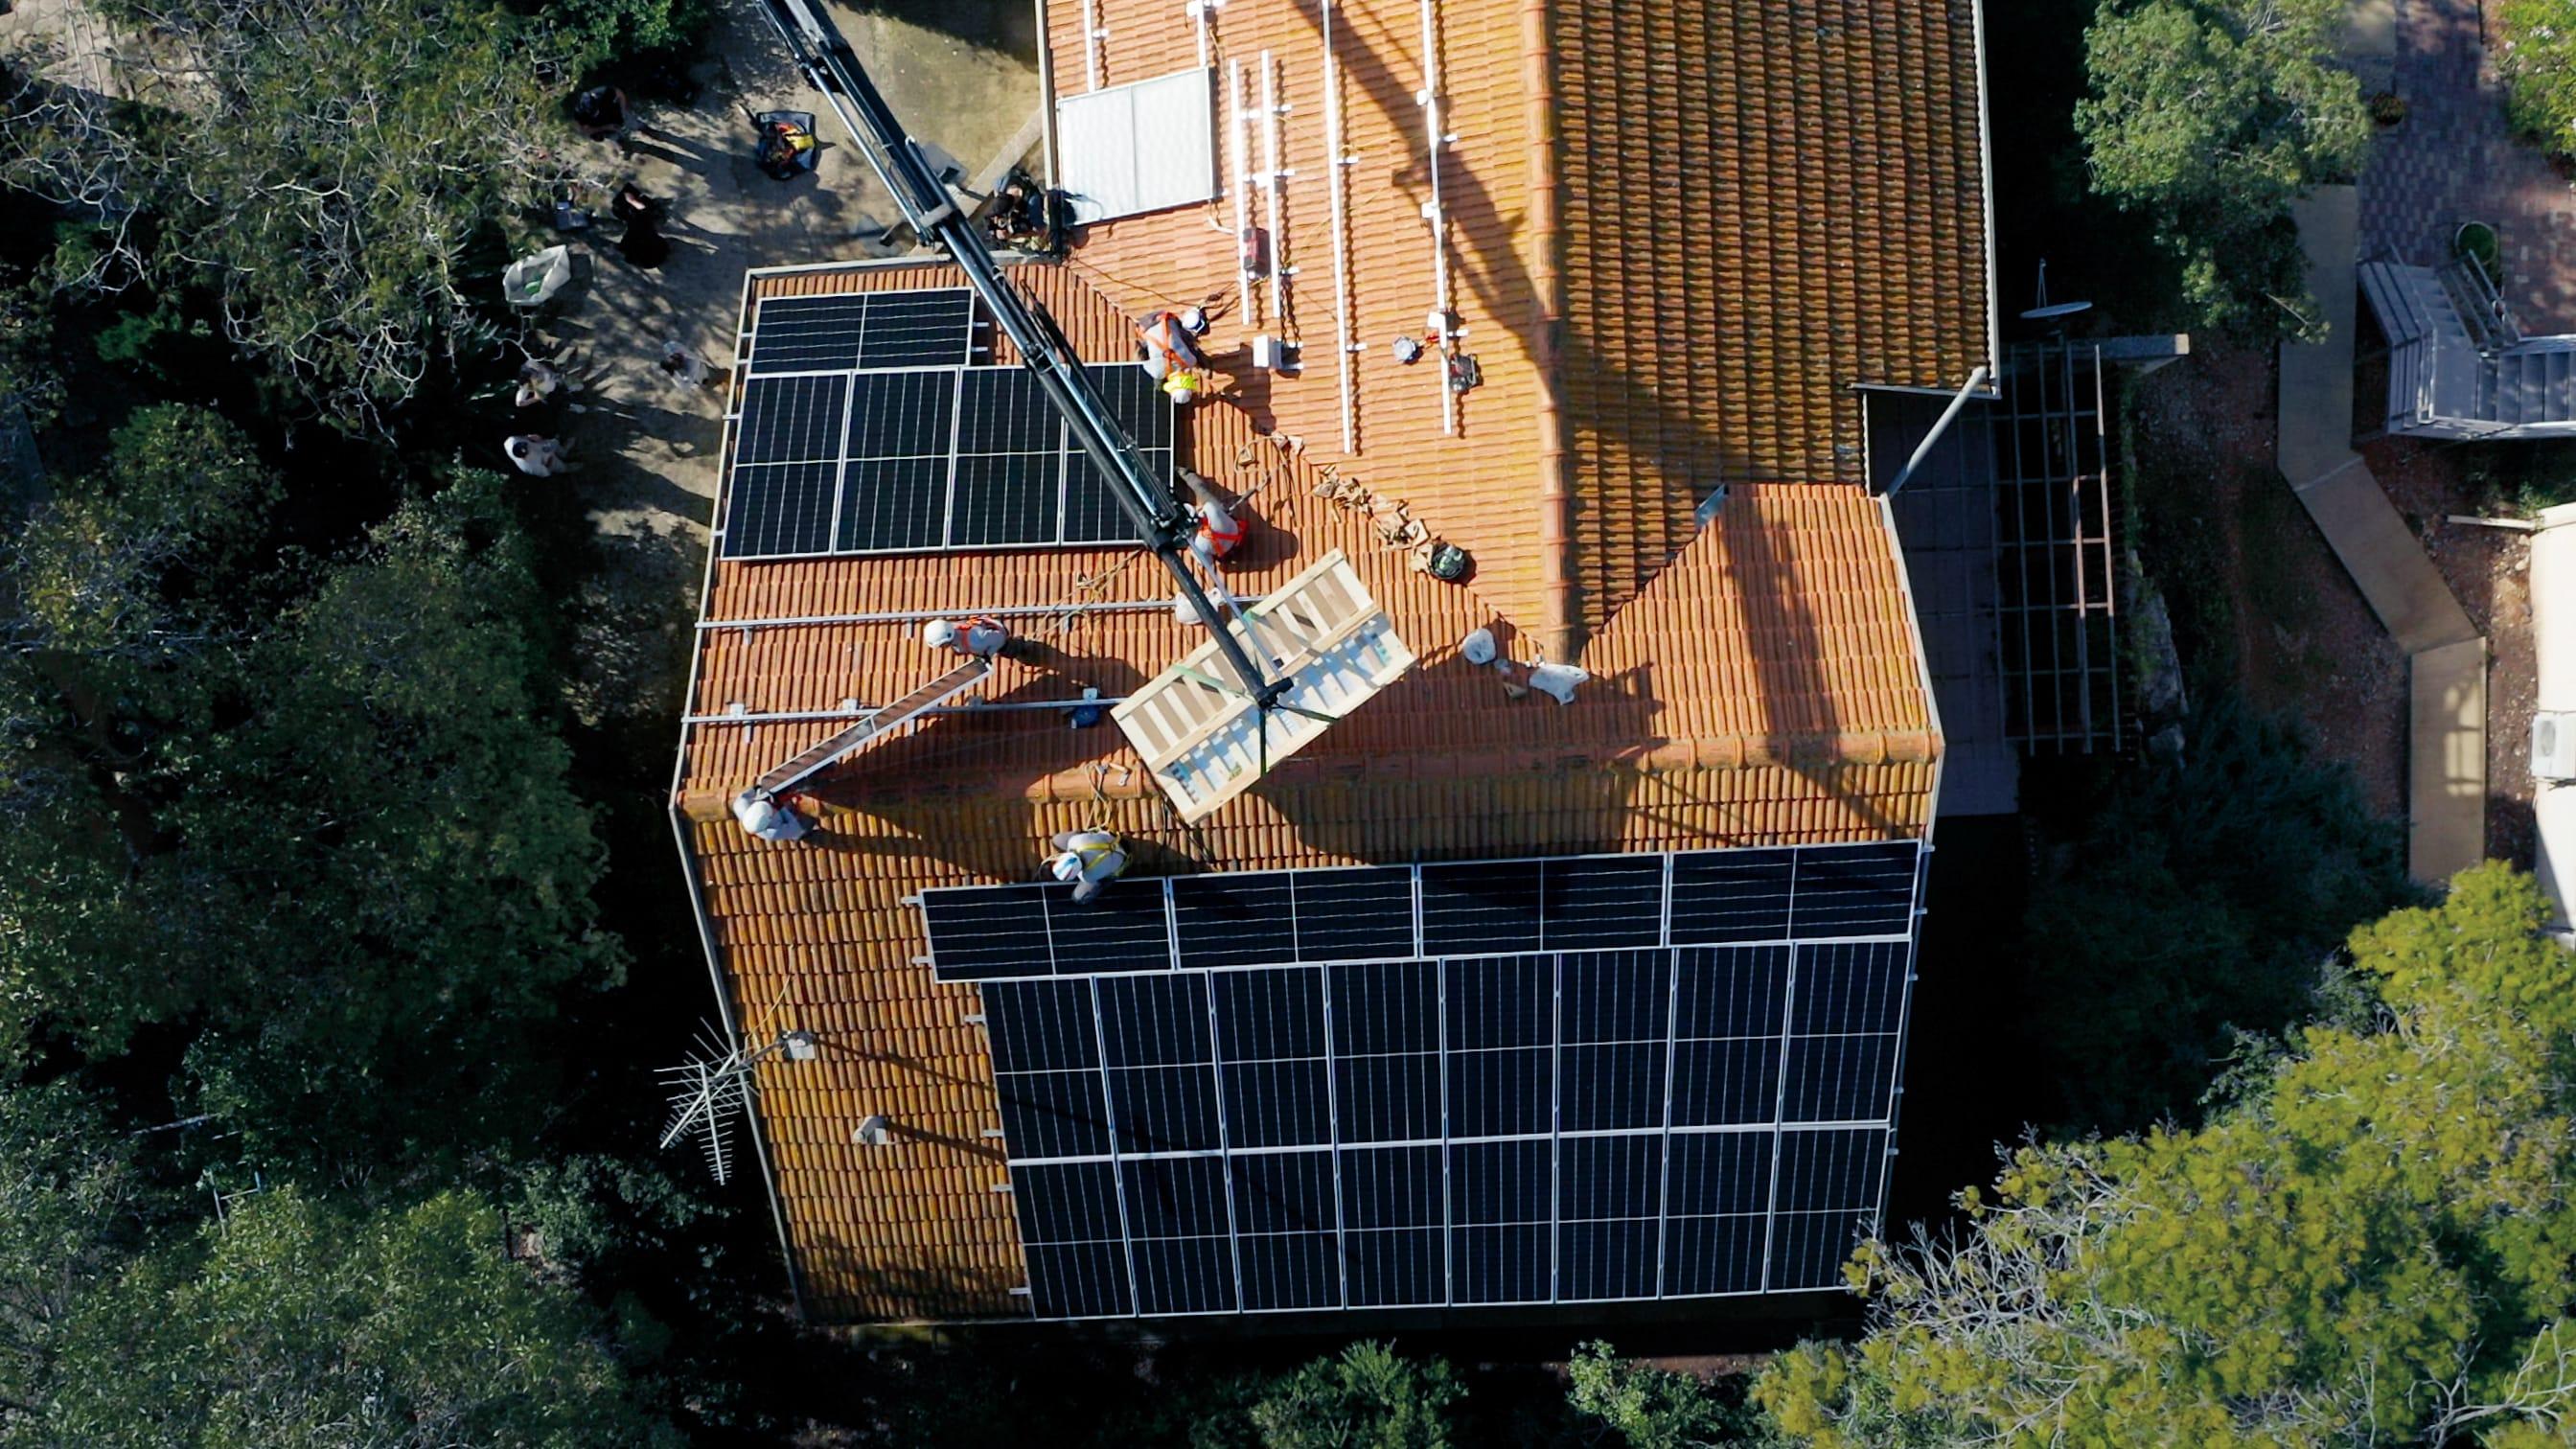 כמה פאנלים סולאריים אני צריך? משתנים המשפיעים על תפוקת מערכת סולארית ביתית